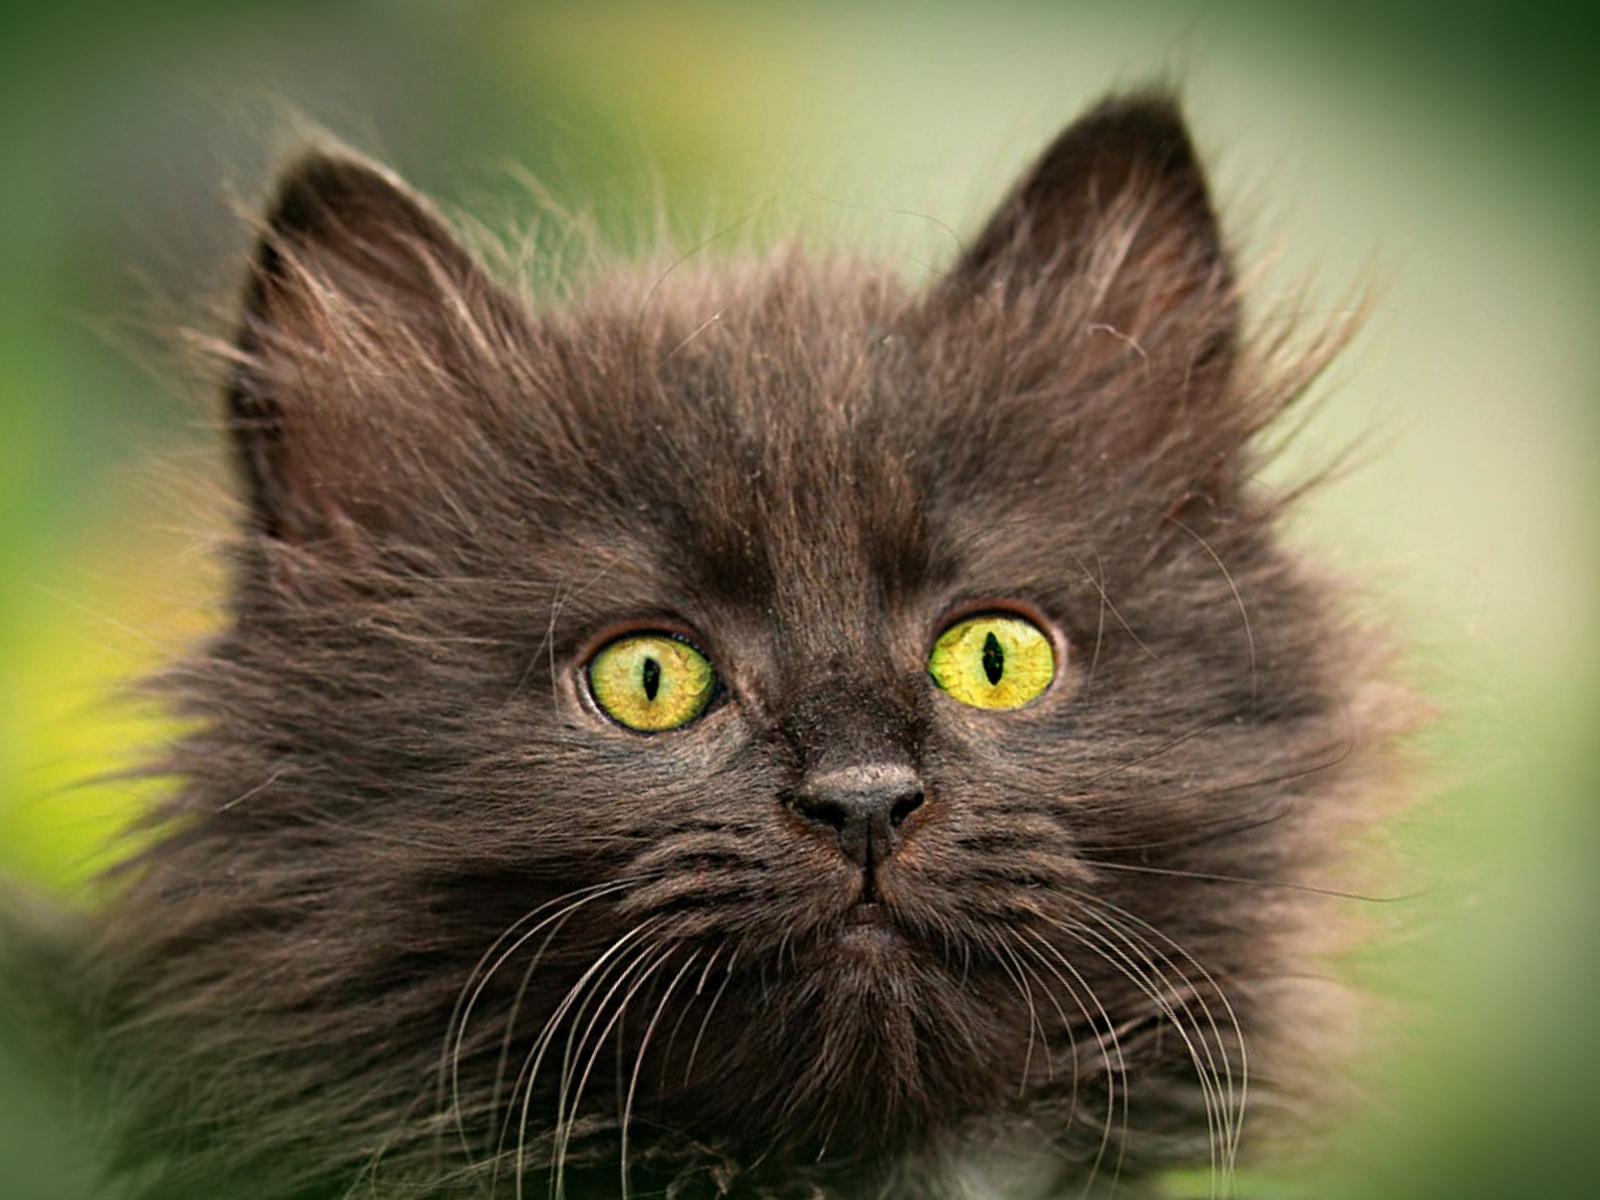 котенок, глаза, малыш, пушистик